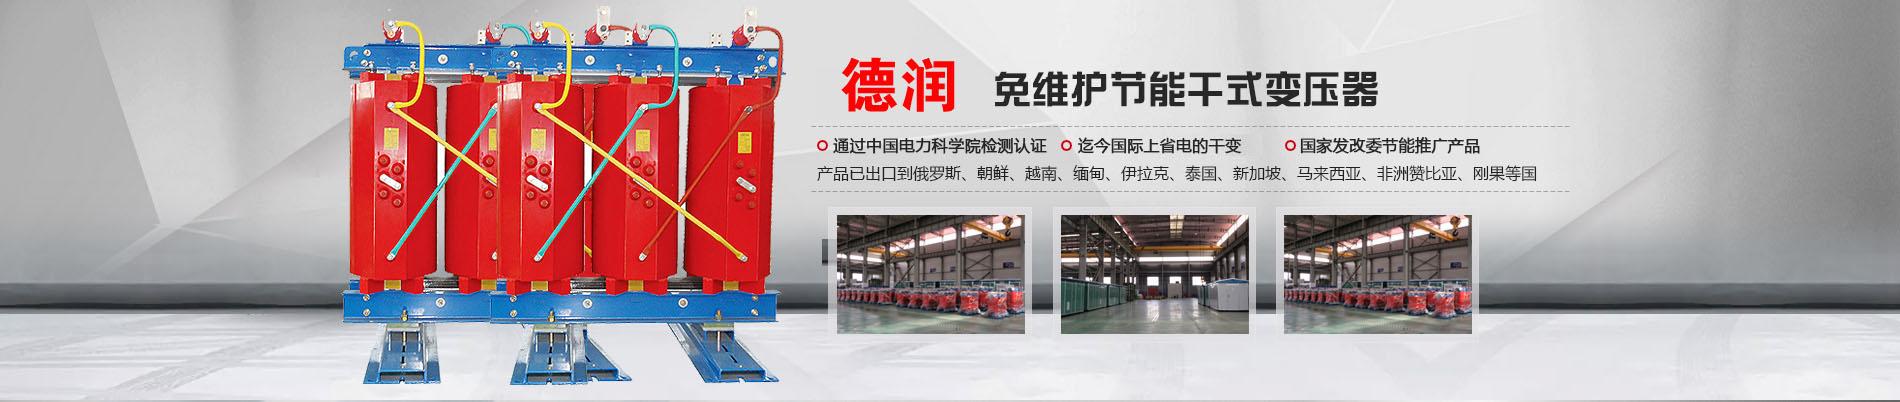 信阳干式变压器厂家